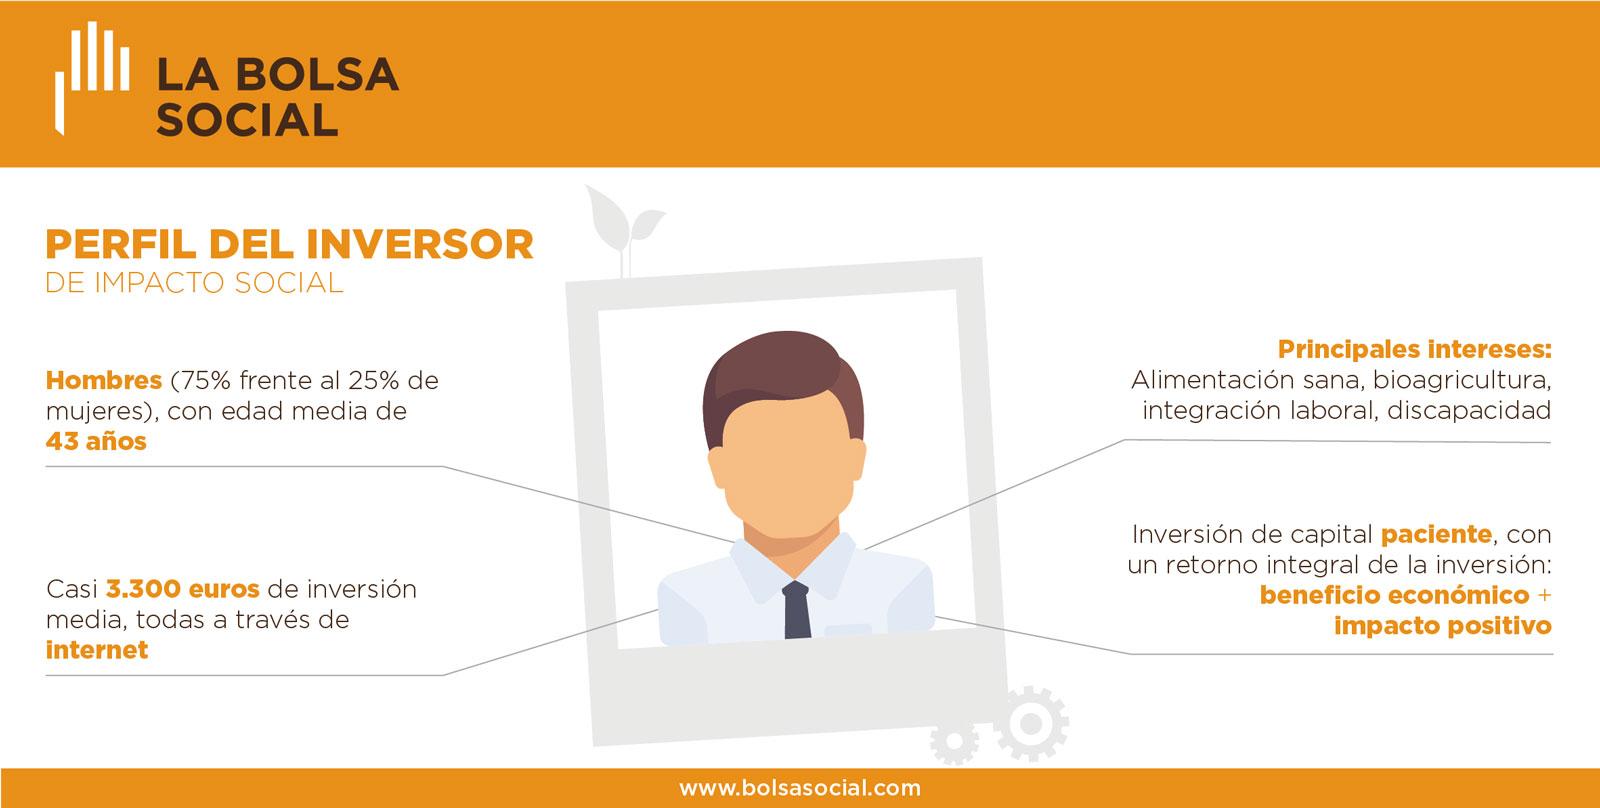 Perfil del inversor de impacto social en España